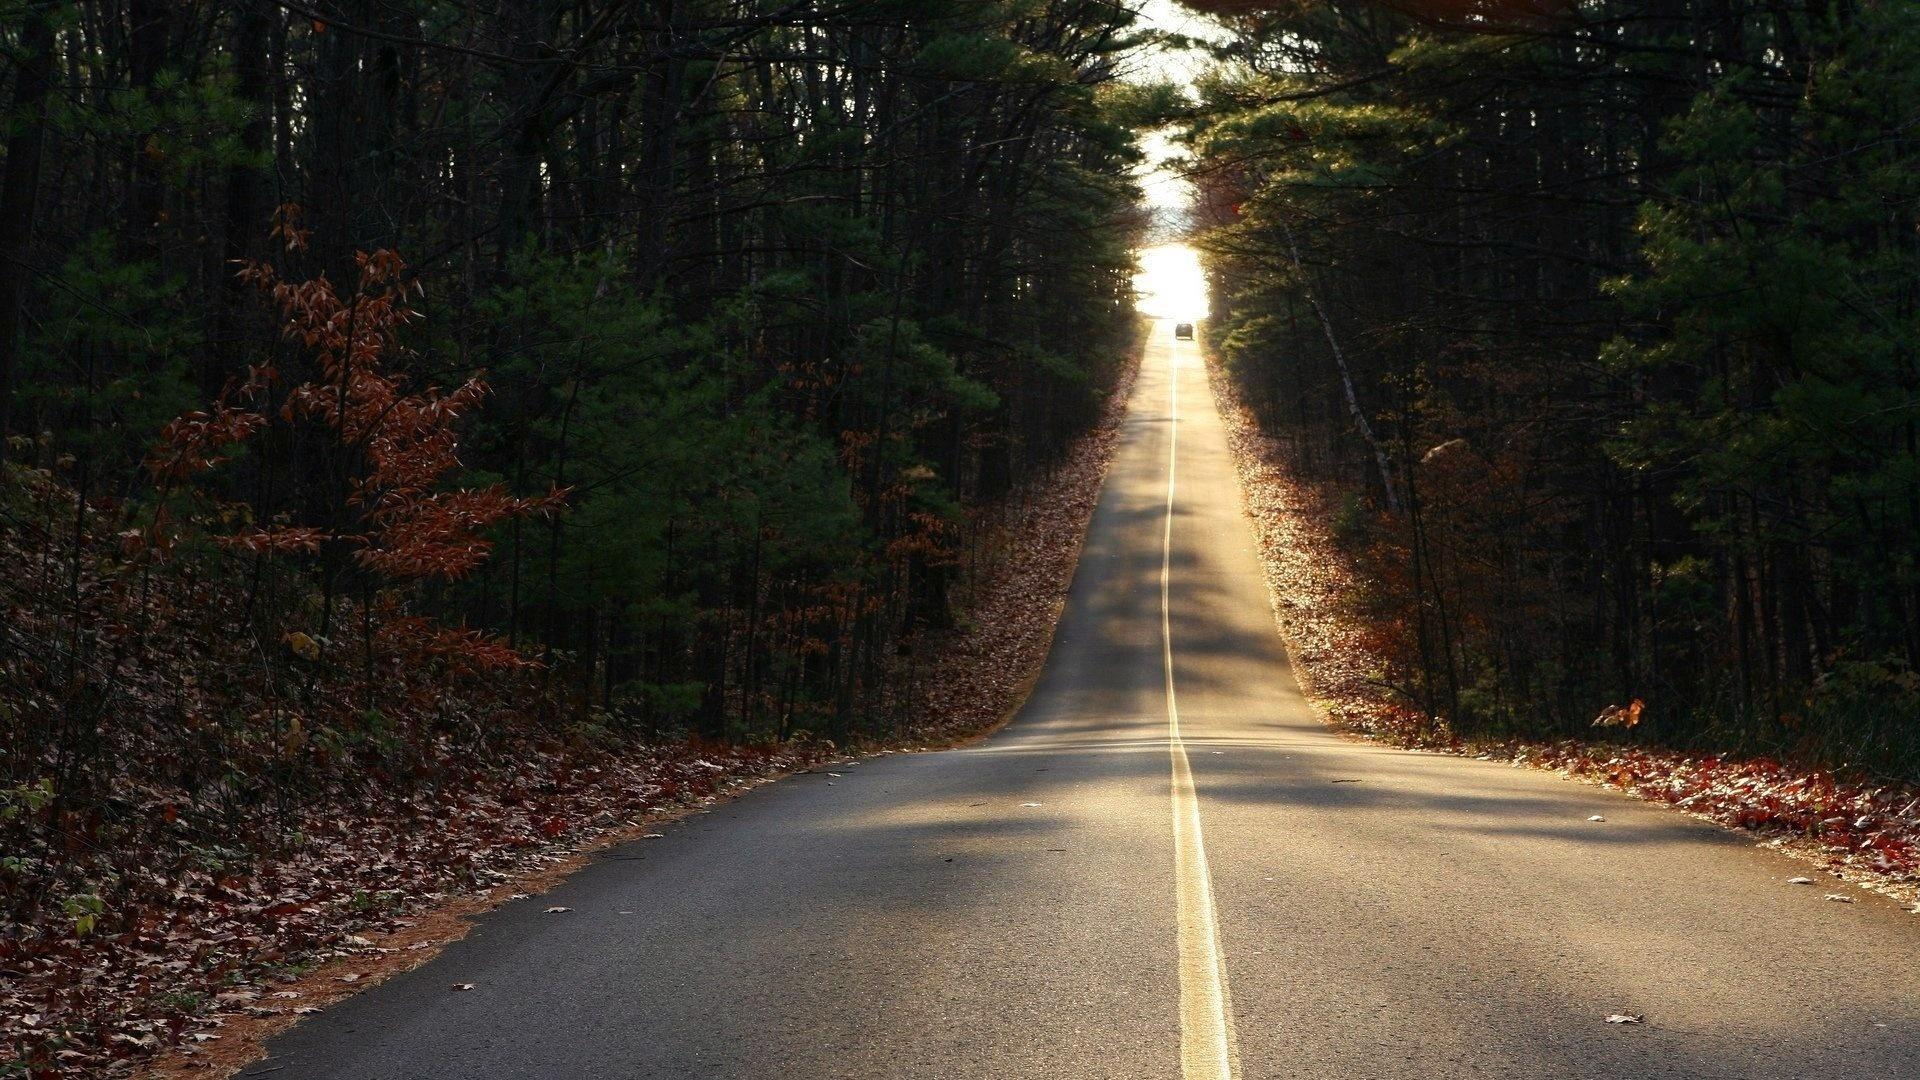 wallpaper road adnfriki (3)